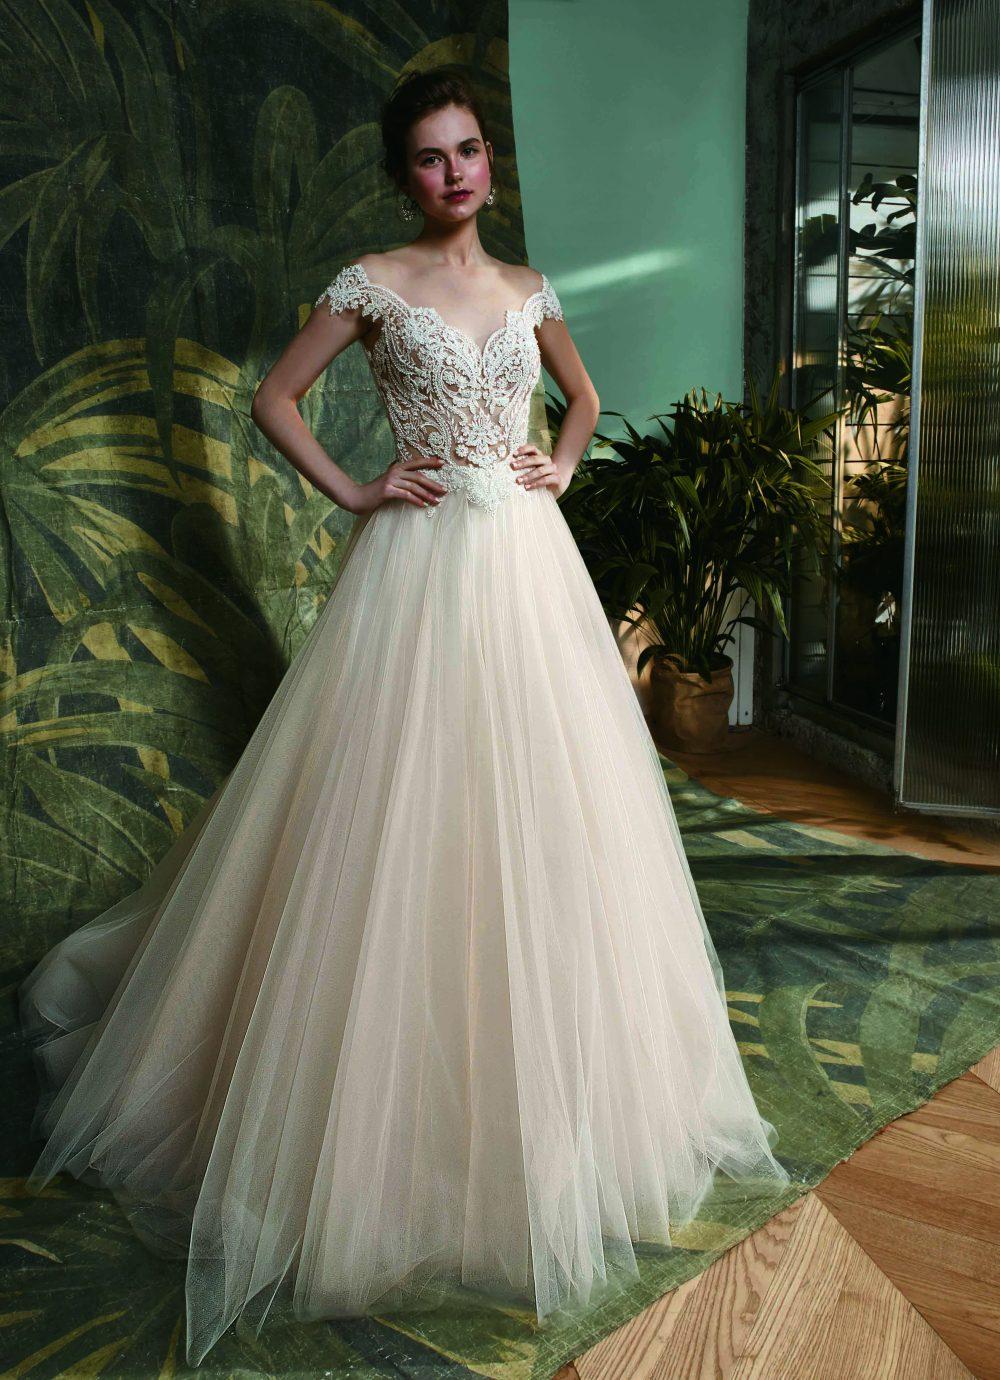 Púder színű esküvői ruha, tüll szoknyával. A romantikus megjelenést kedvelő menyasszonyok számára tökéletes választás.